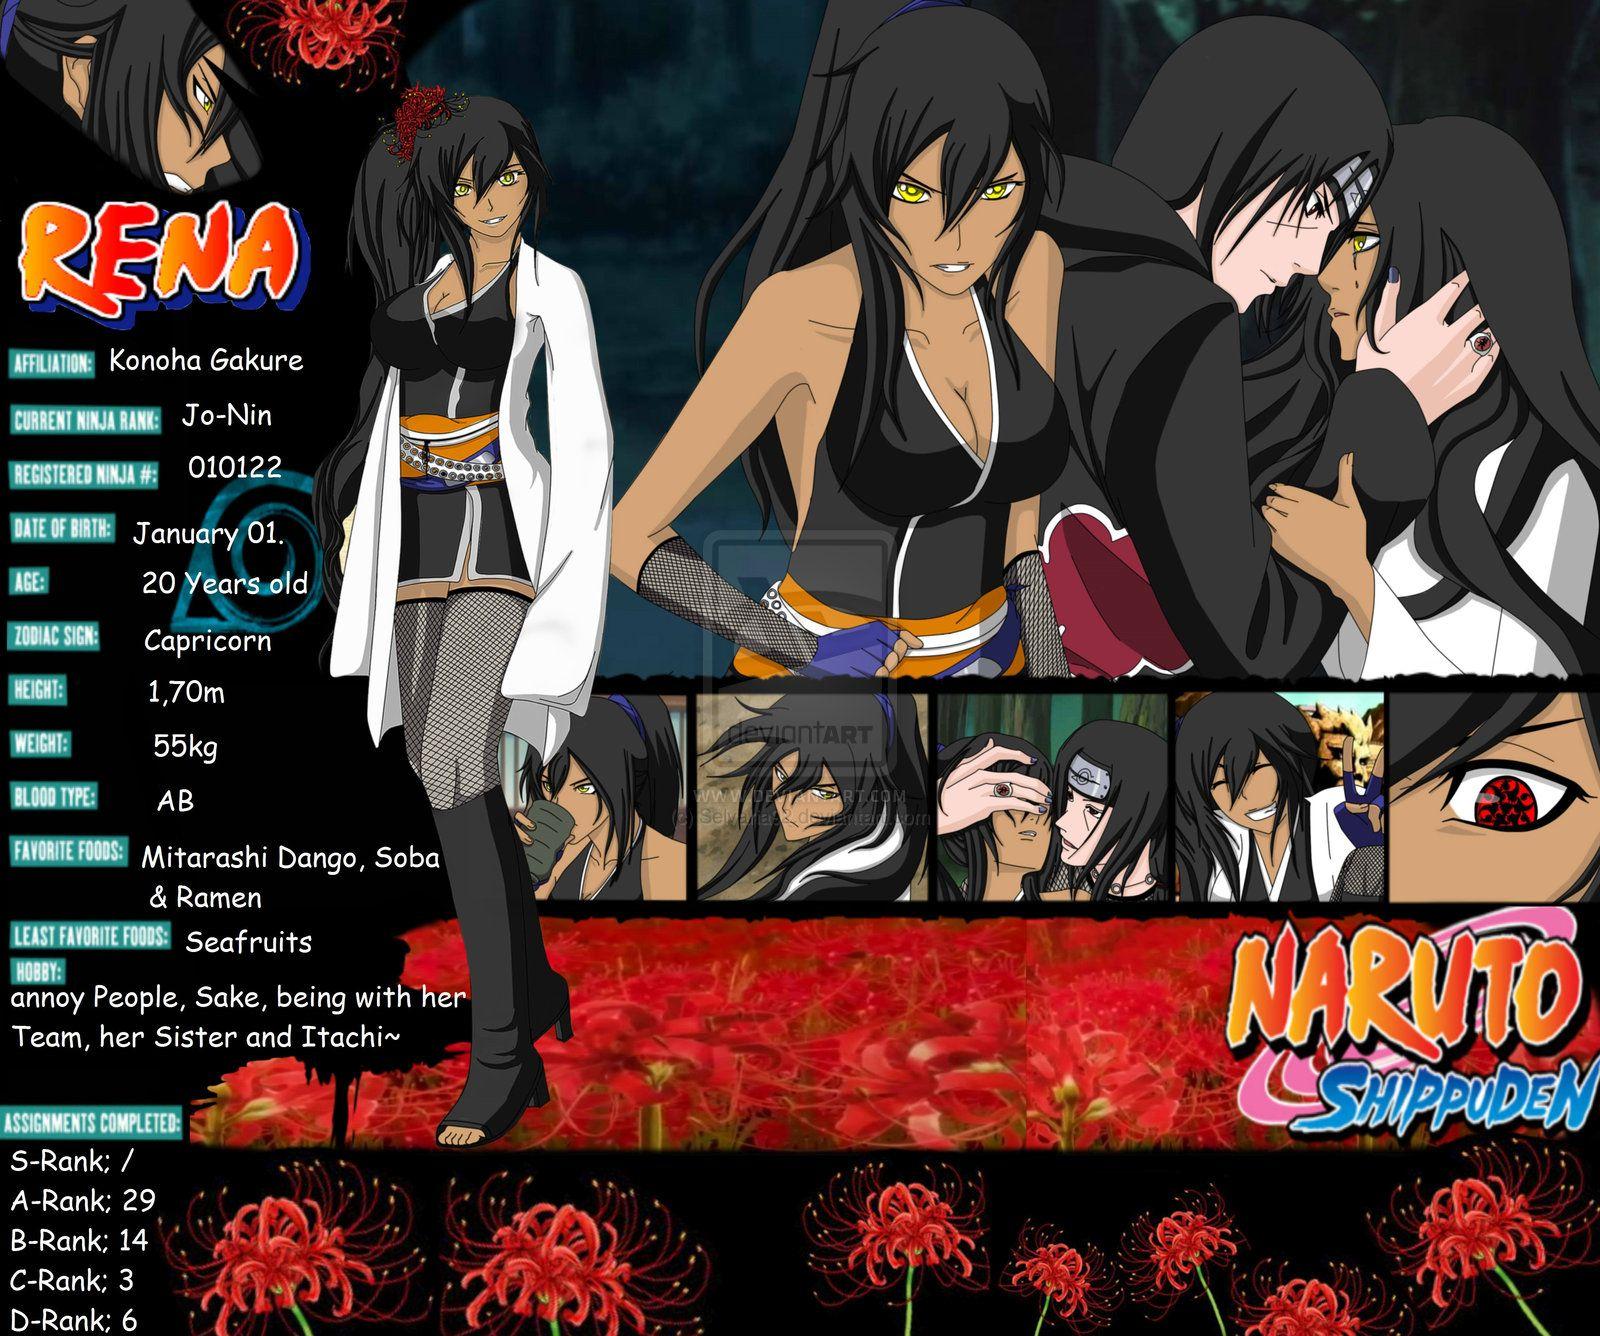 Naruto Shippuden Character Profiles Naruto Personagens Naruto Personagens Femininos